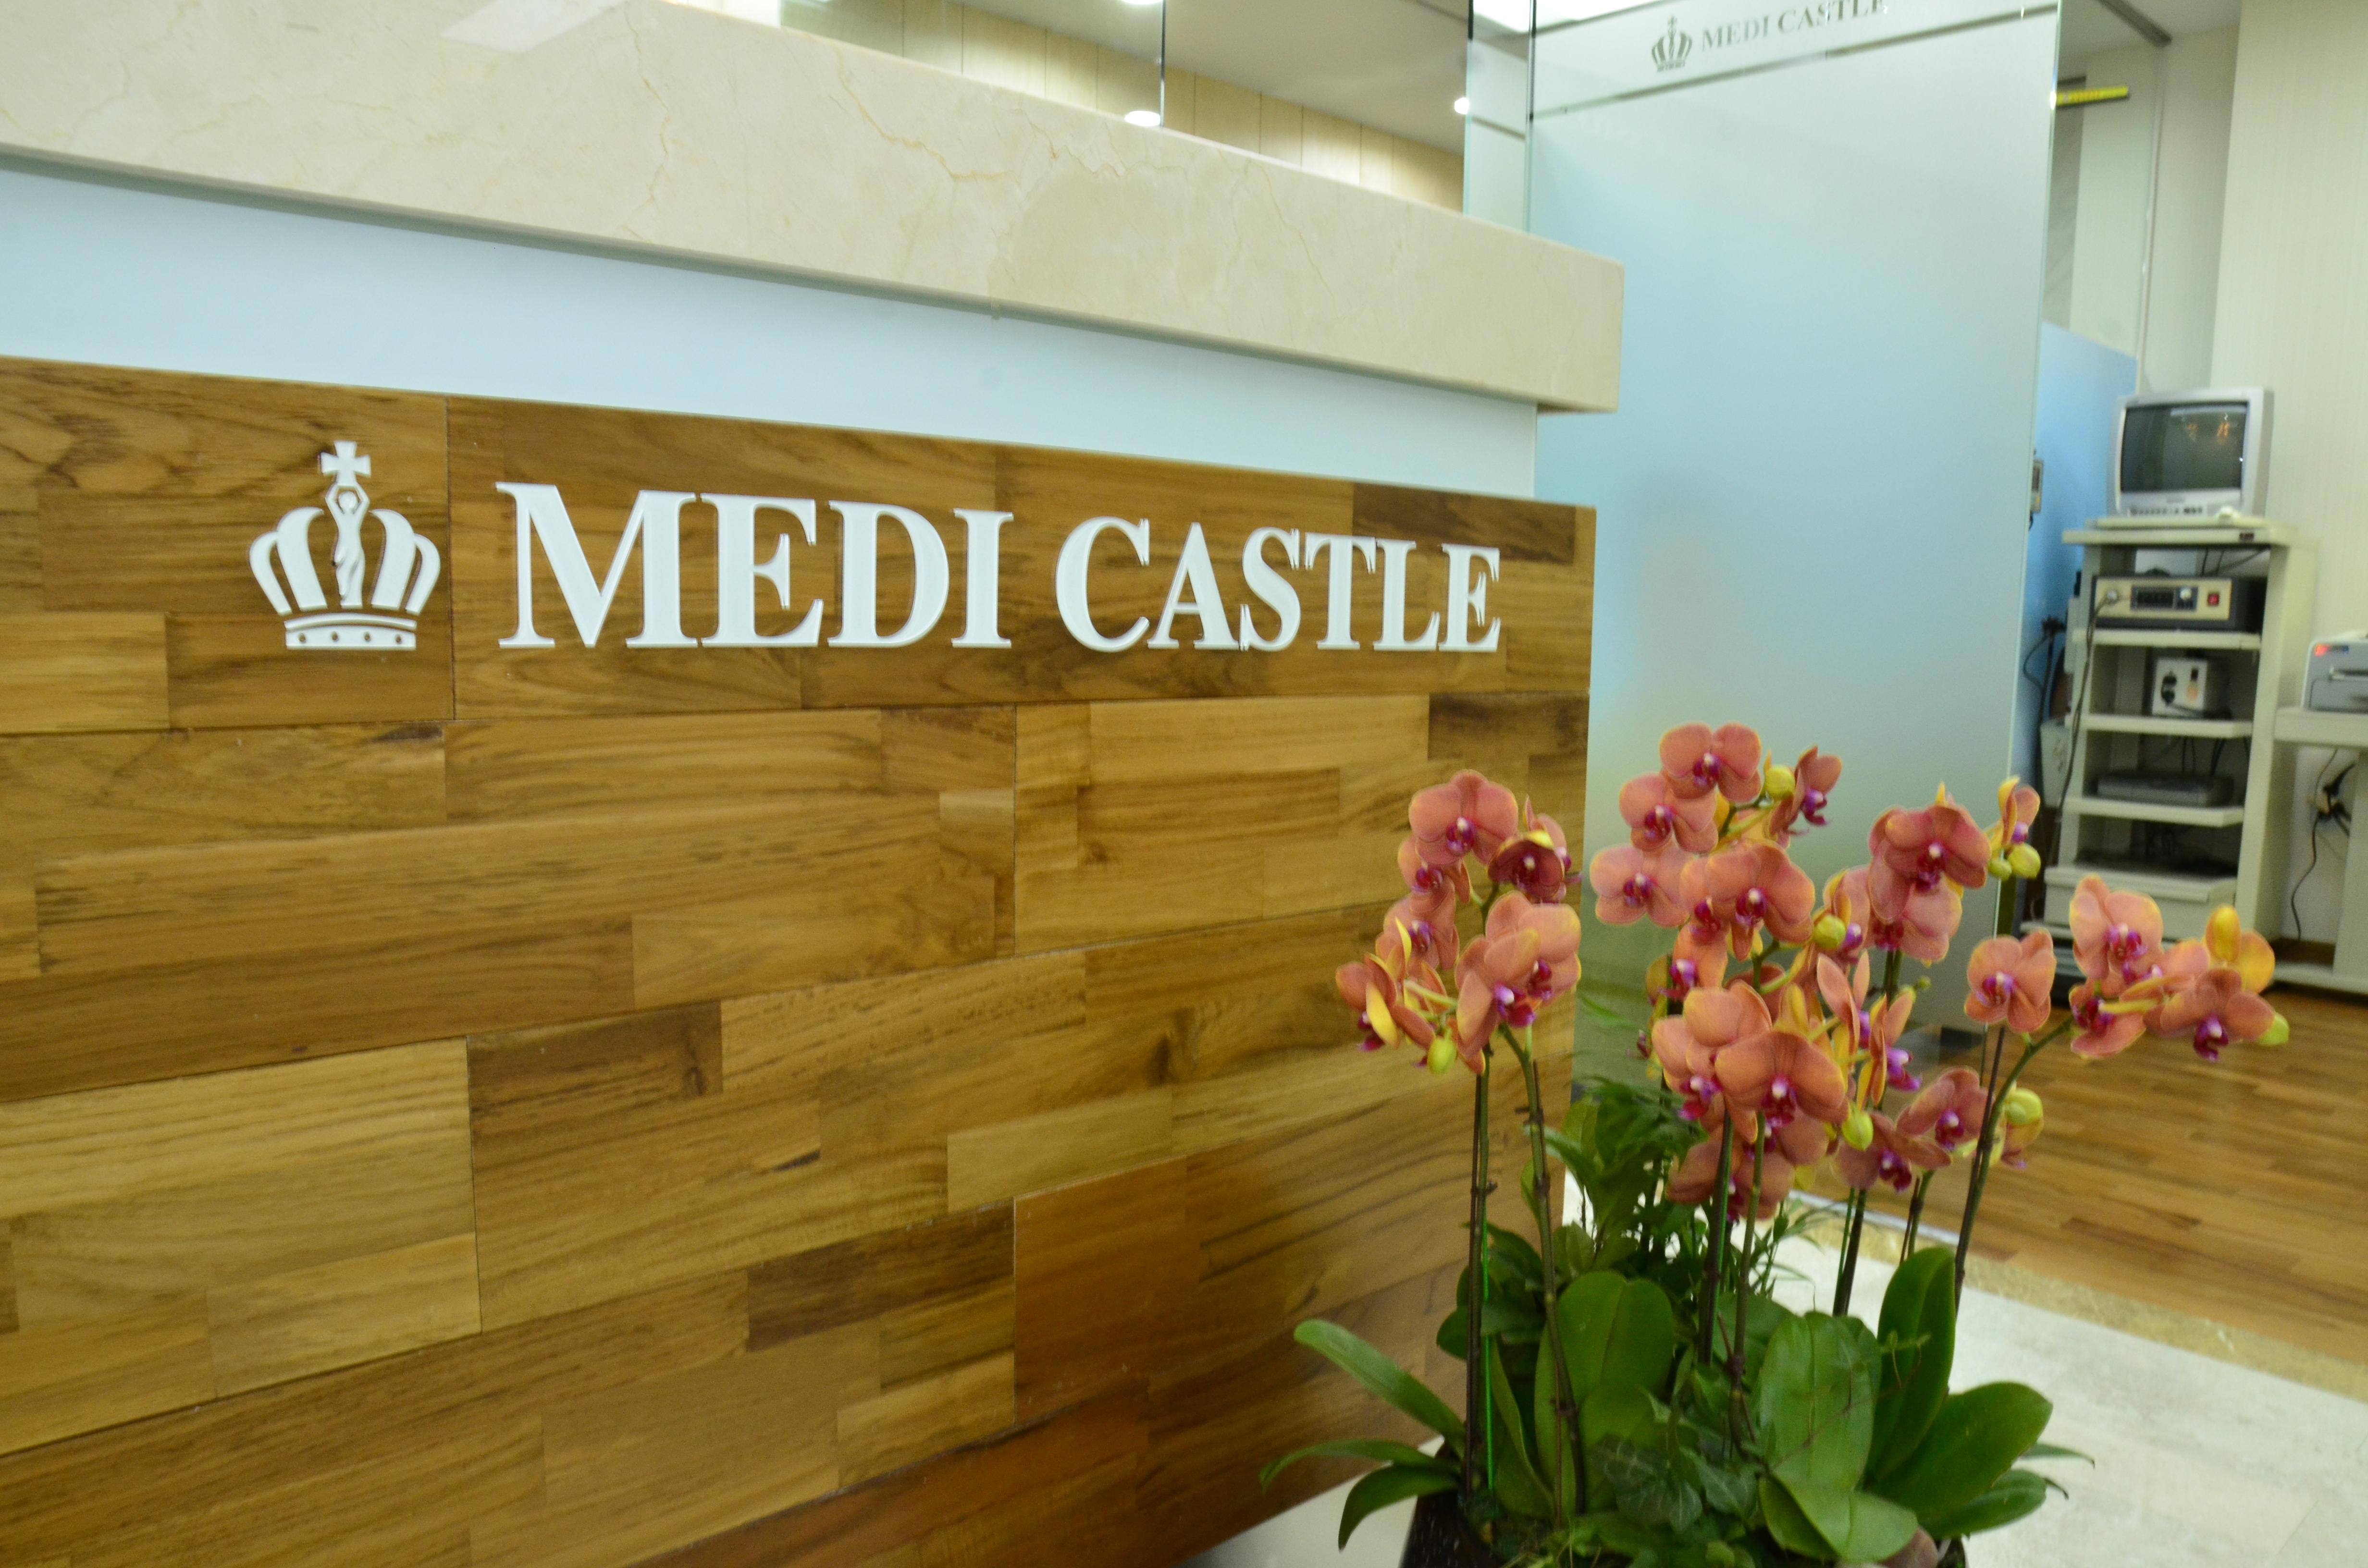 품격있고 편안한 공간과 의료장비, 정성스런 진료와 시술로 귀하를 모시겠습니다.